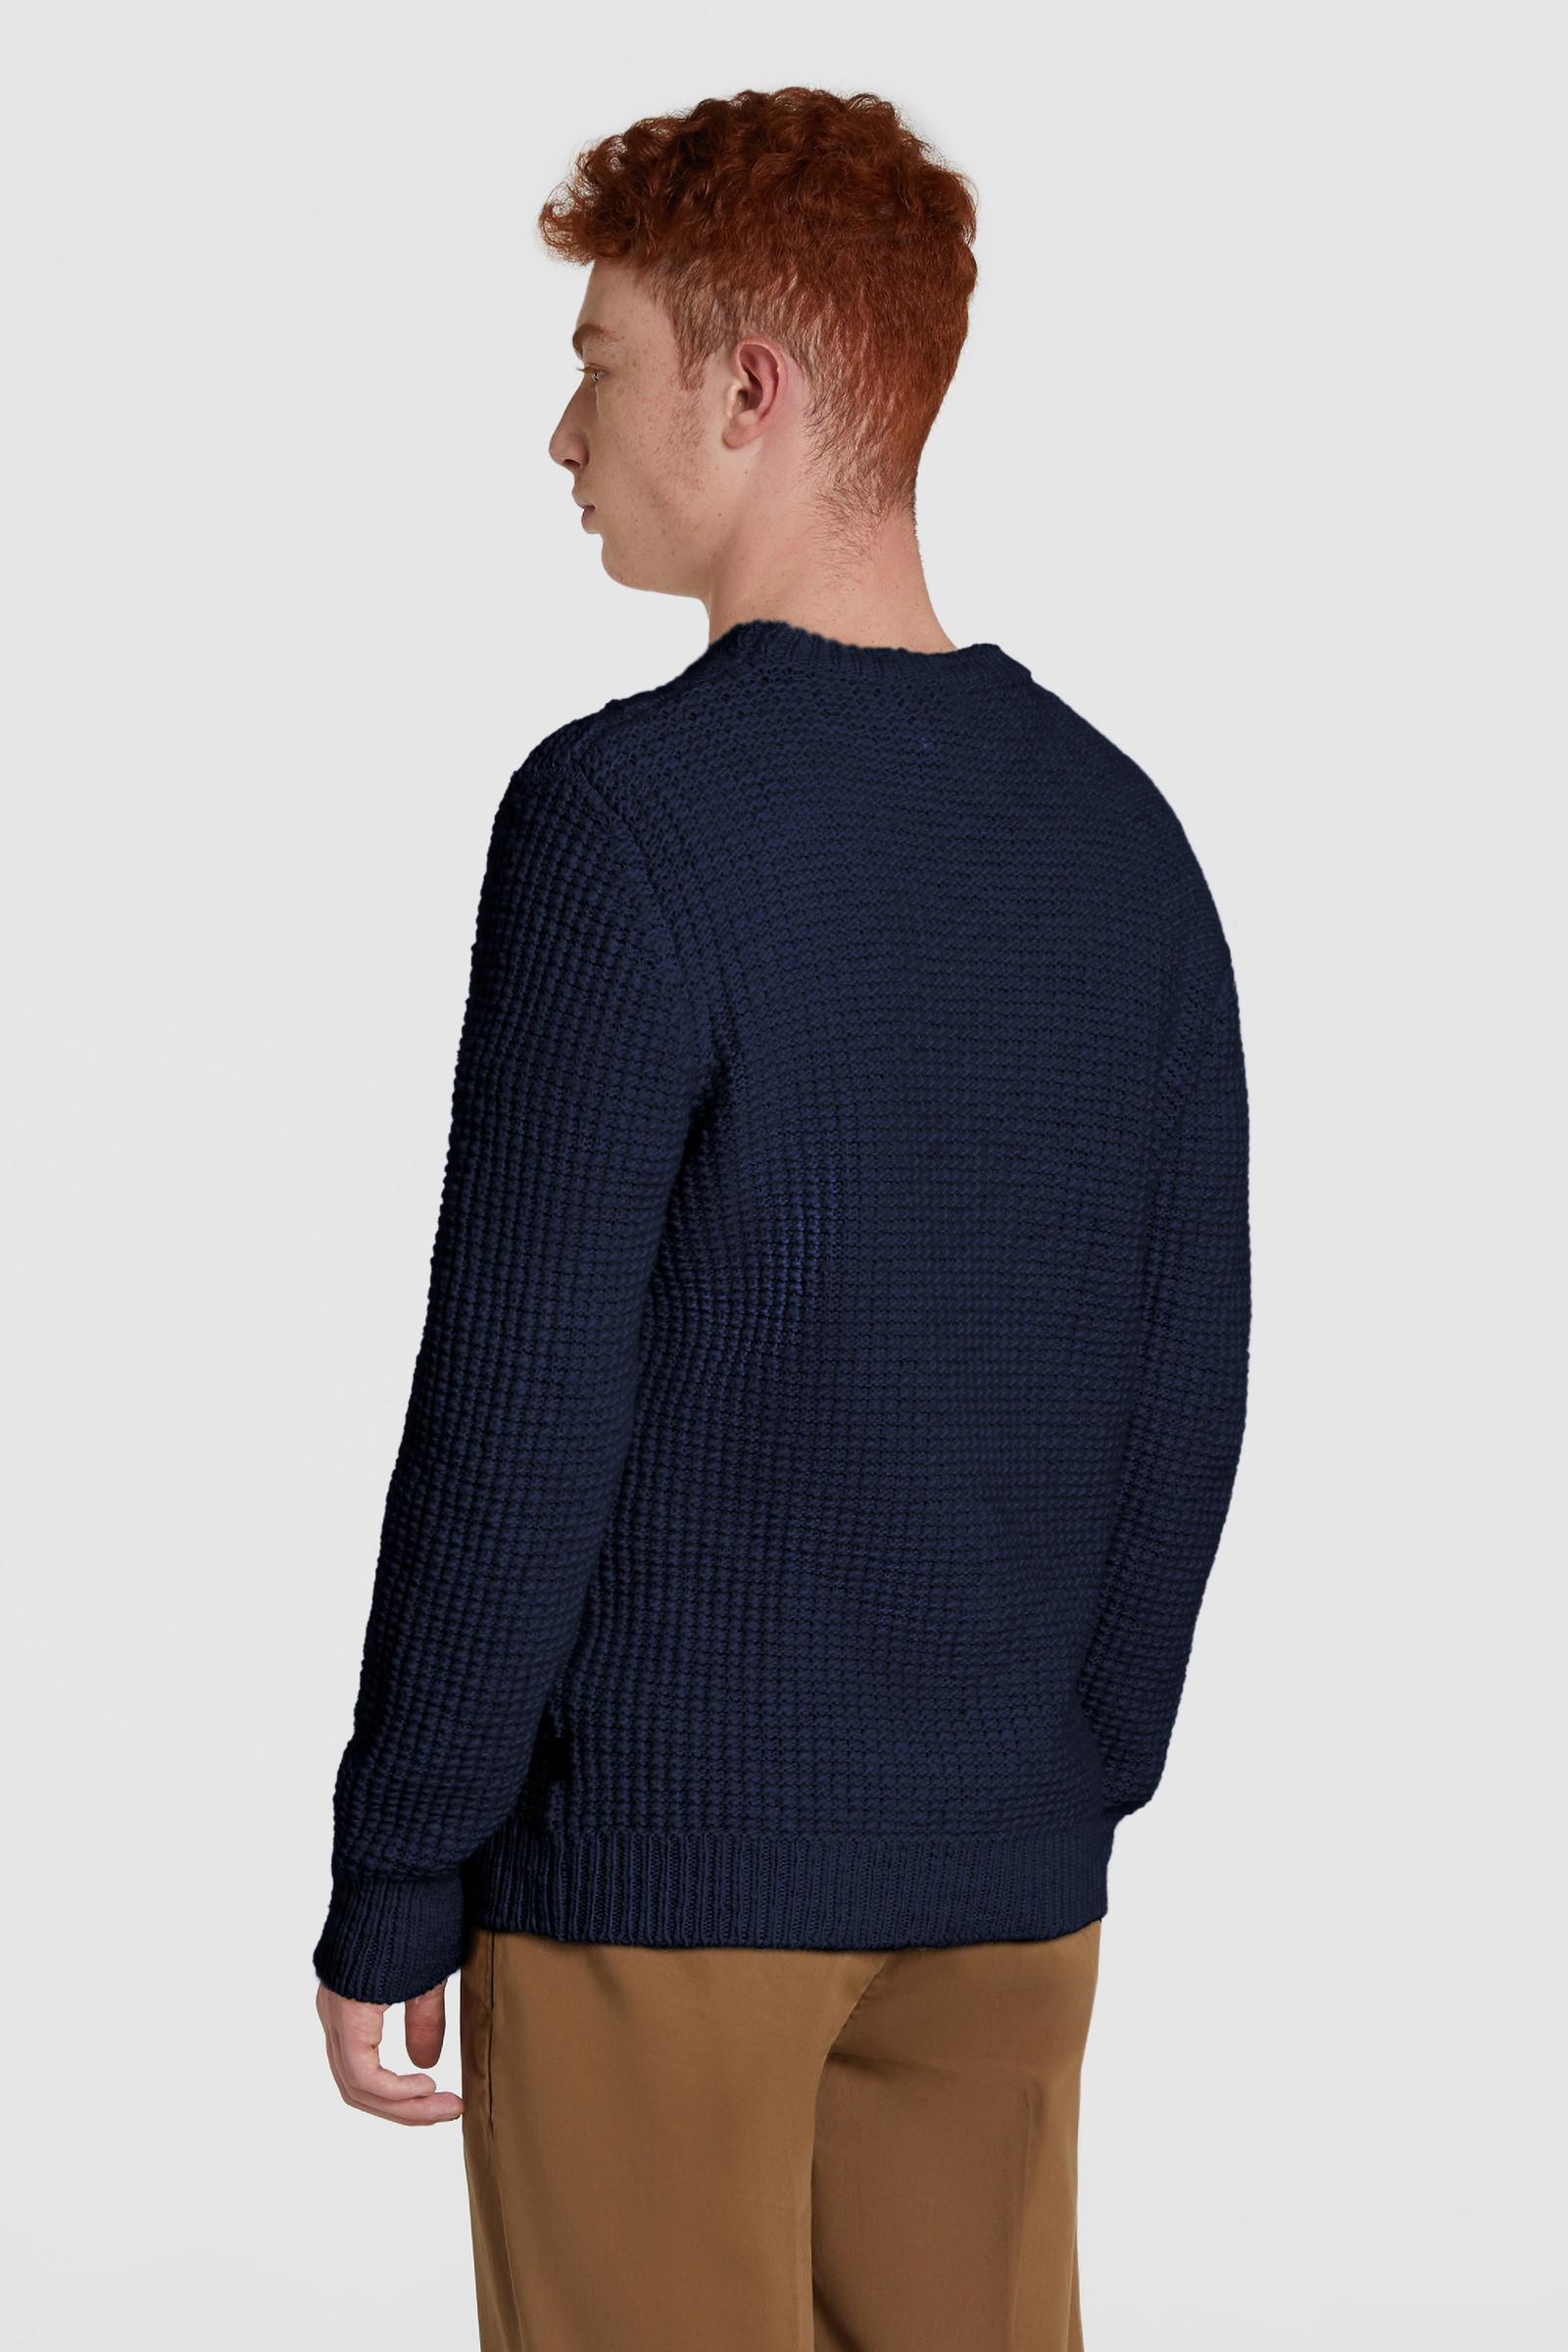 Maglione in lana girocollo a trecce